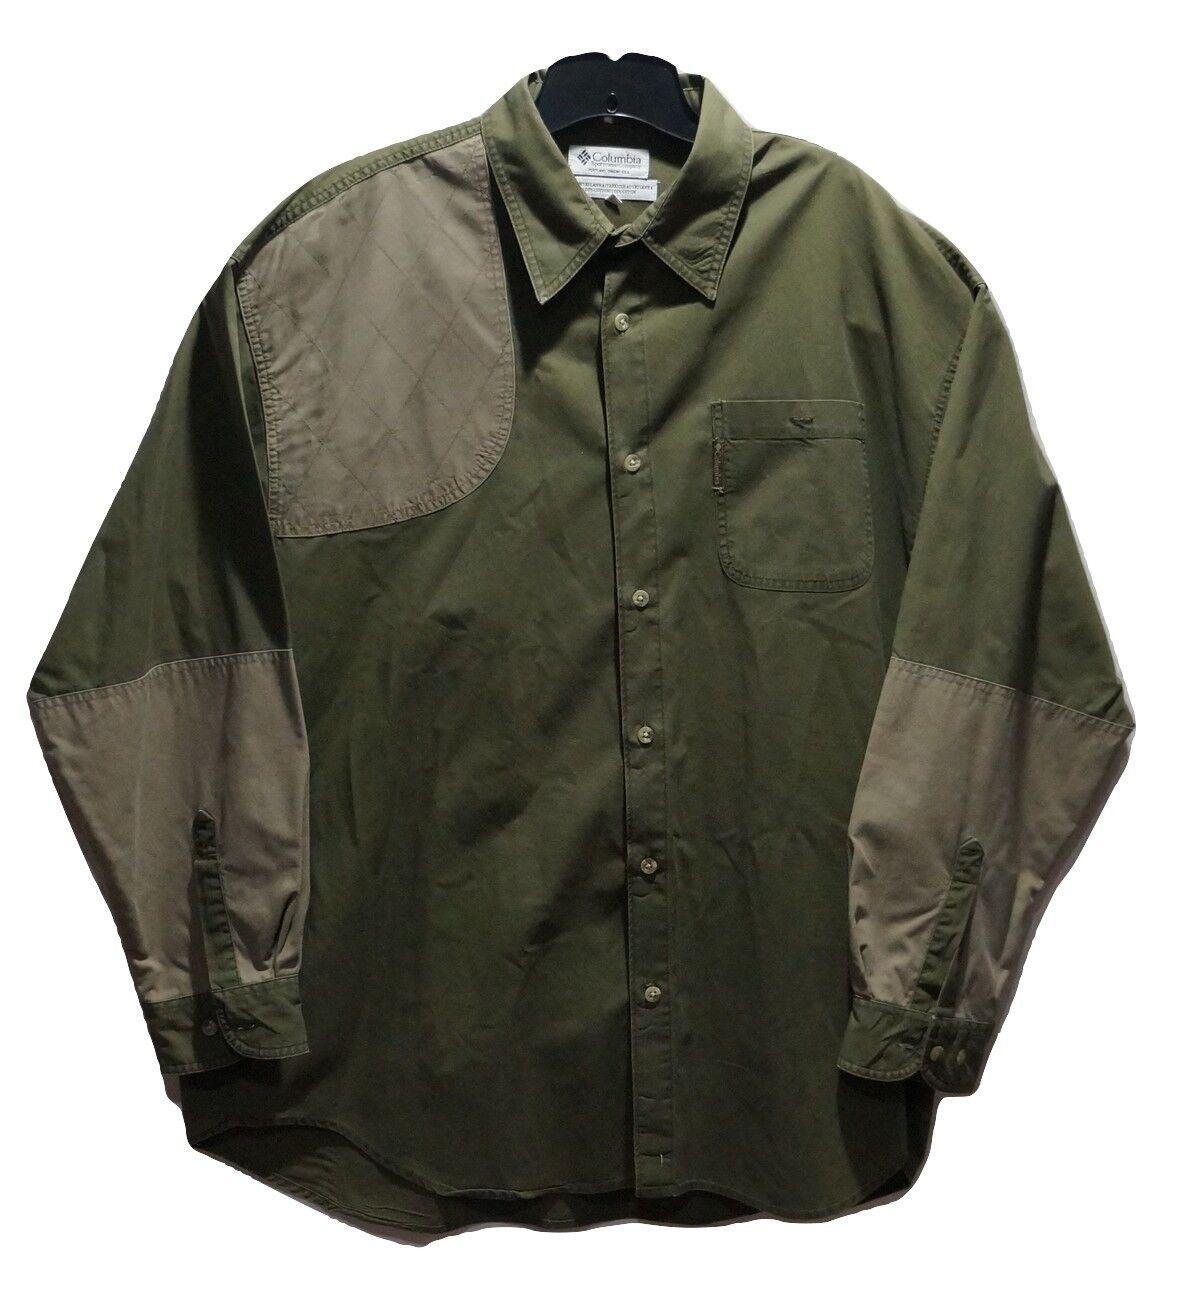 Columbia Men's 2XL XXL Olive Green Hunting Shooting Shirt Long Sleeve